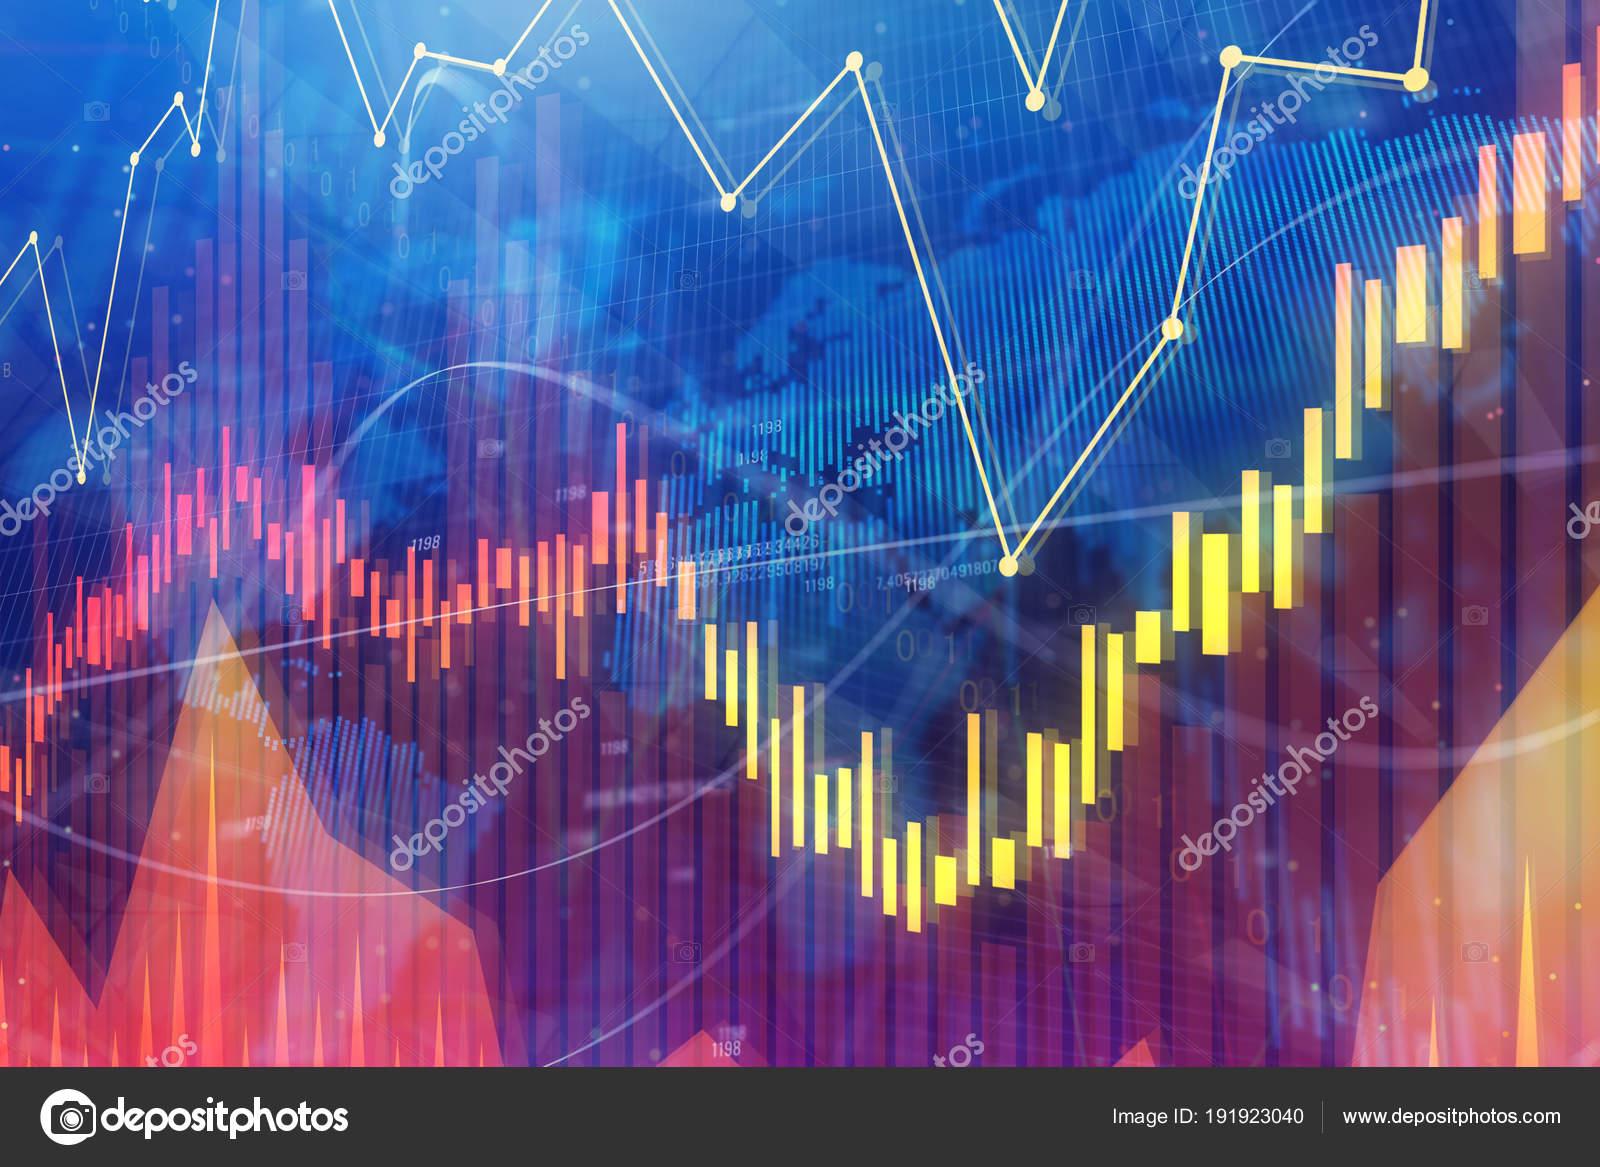 Картинки форекс для рабочего стола x индикаторы форекс